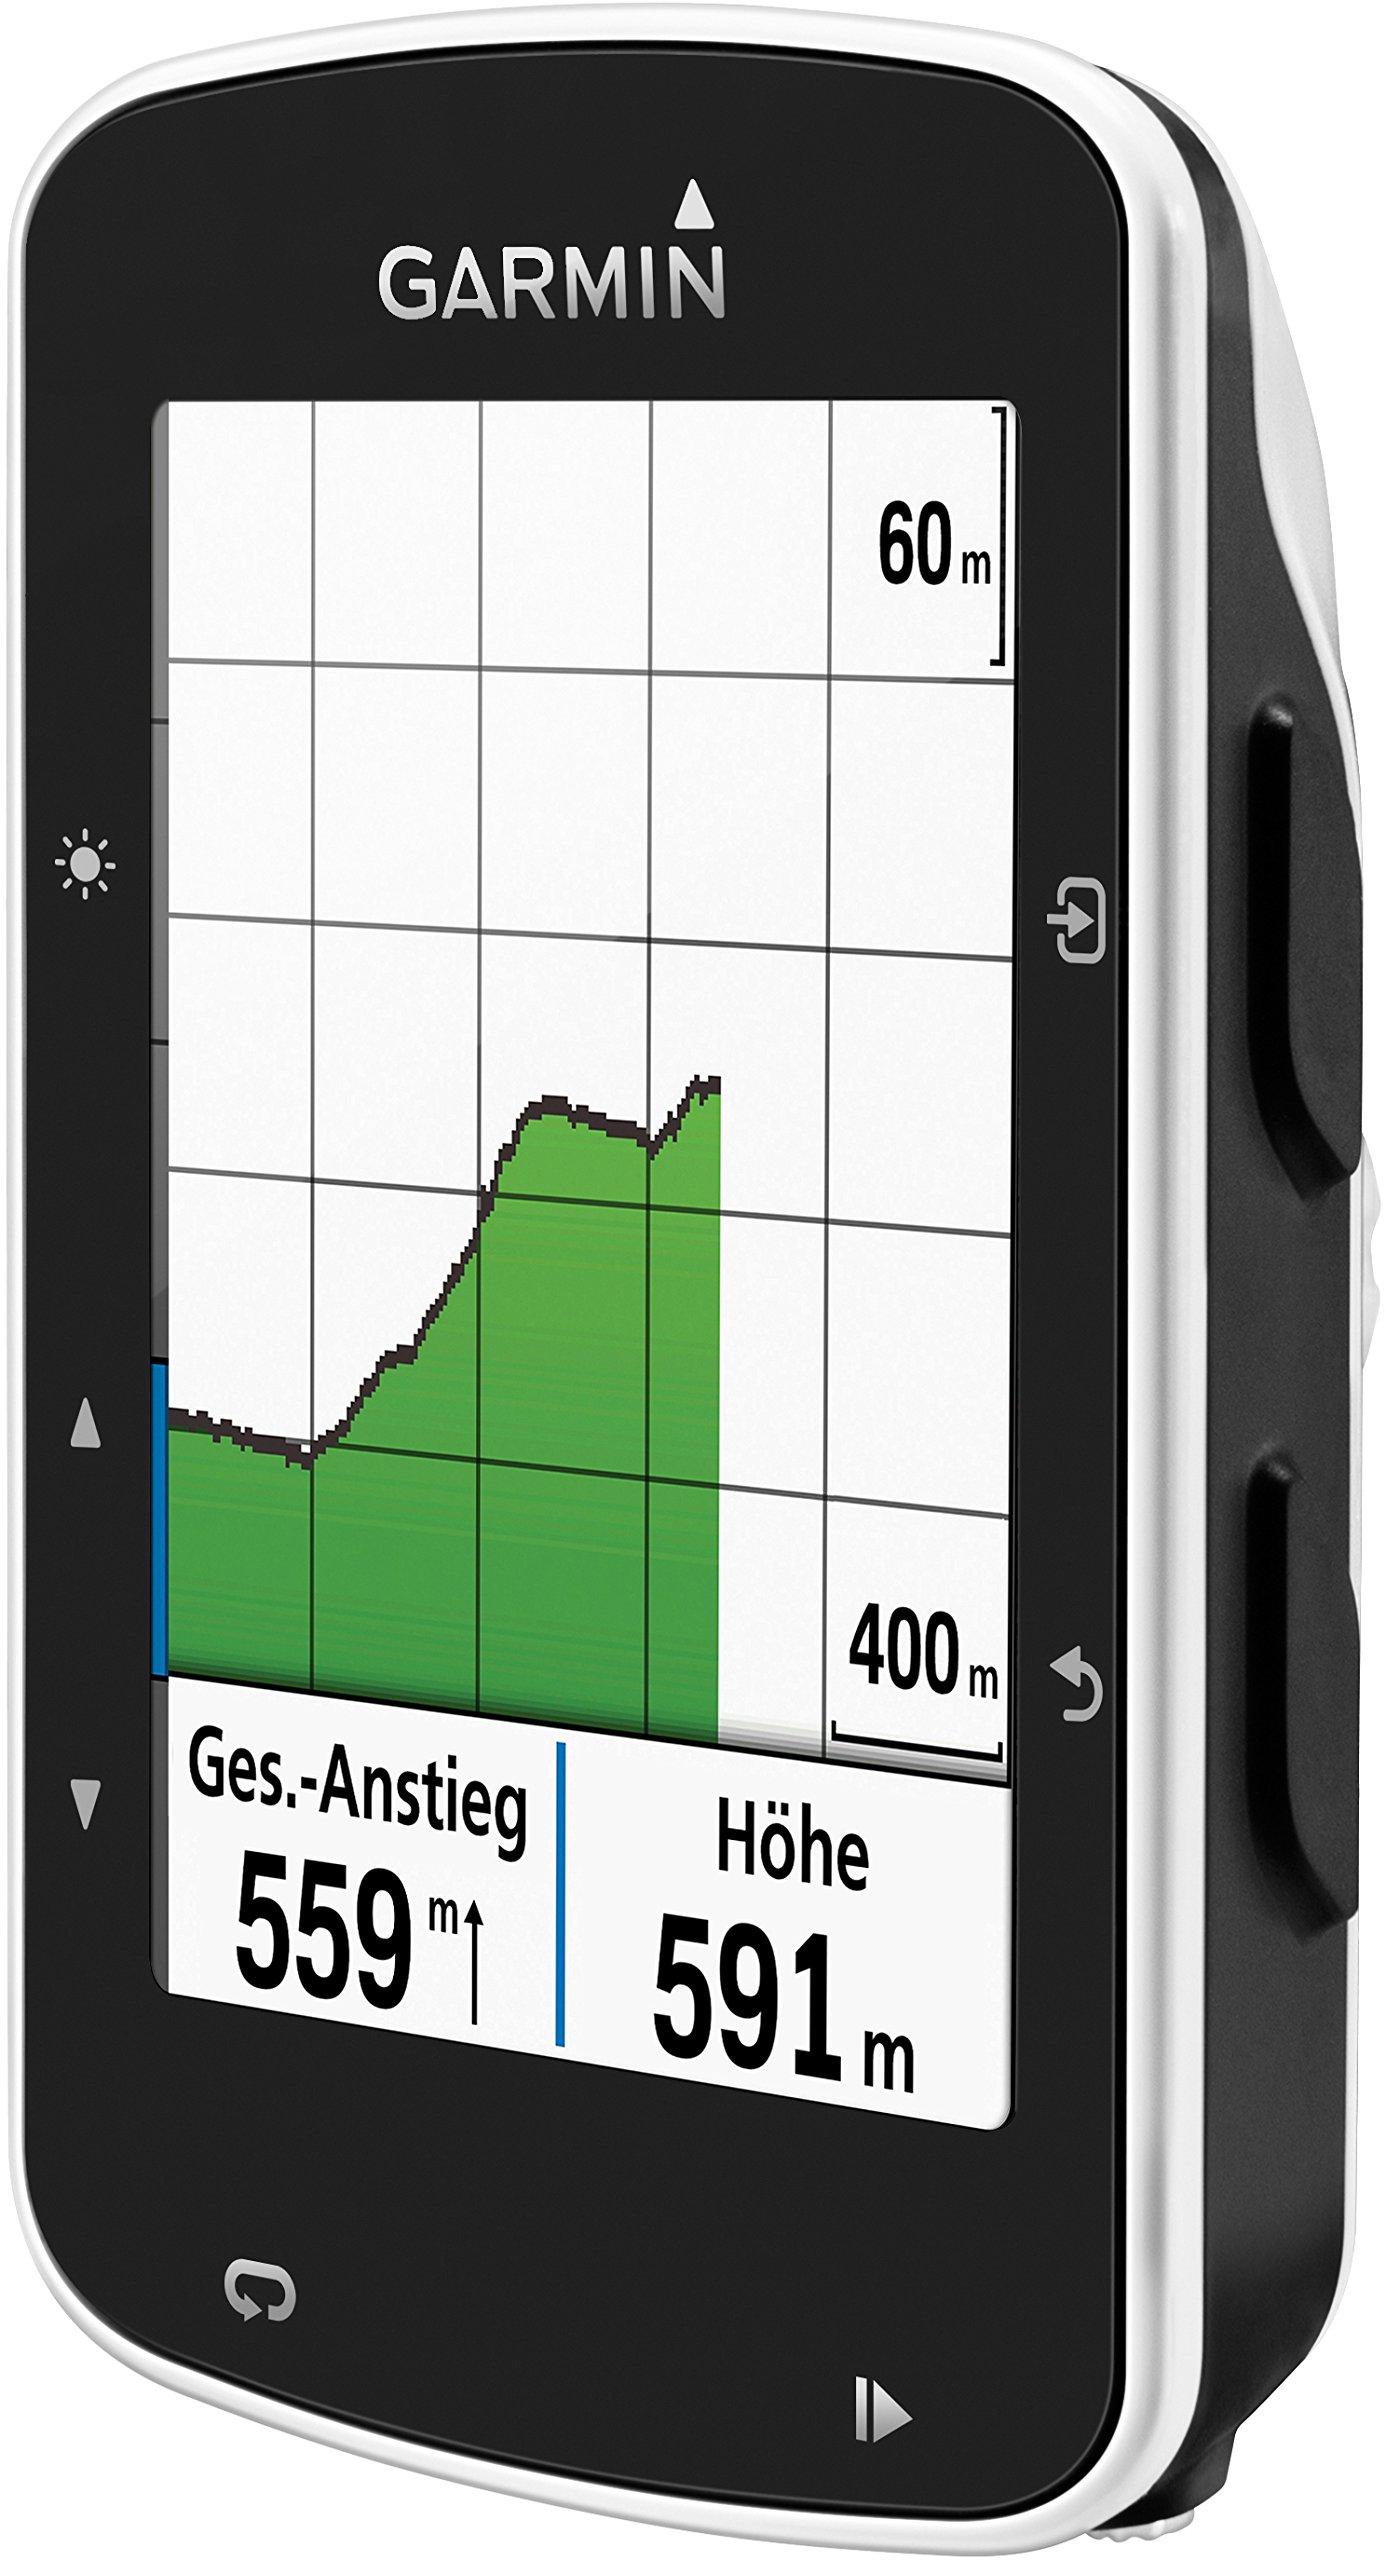 Garmin Edge 520 Bike GPS by Garmin (Image #3)